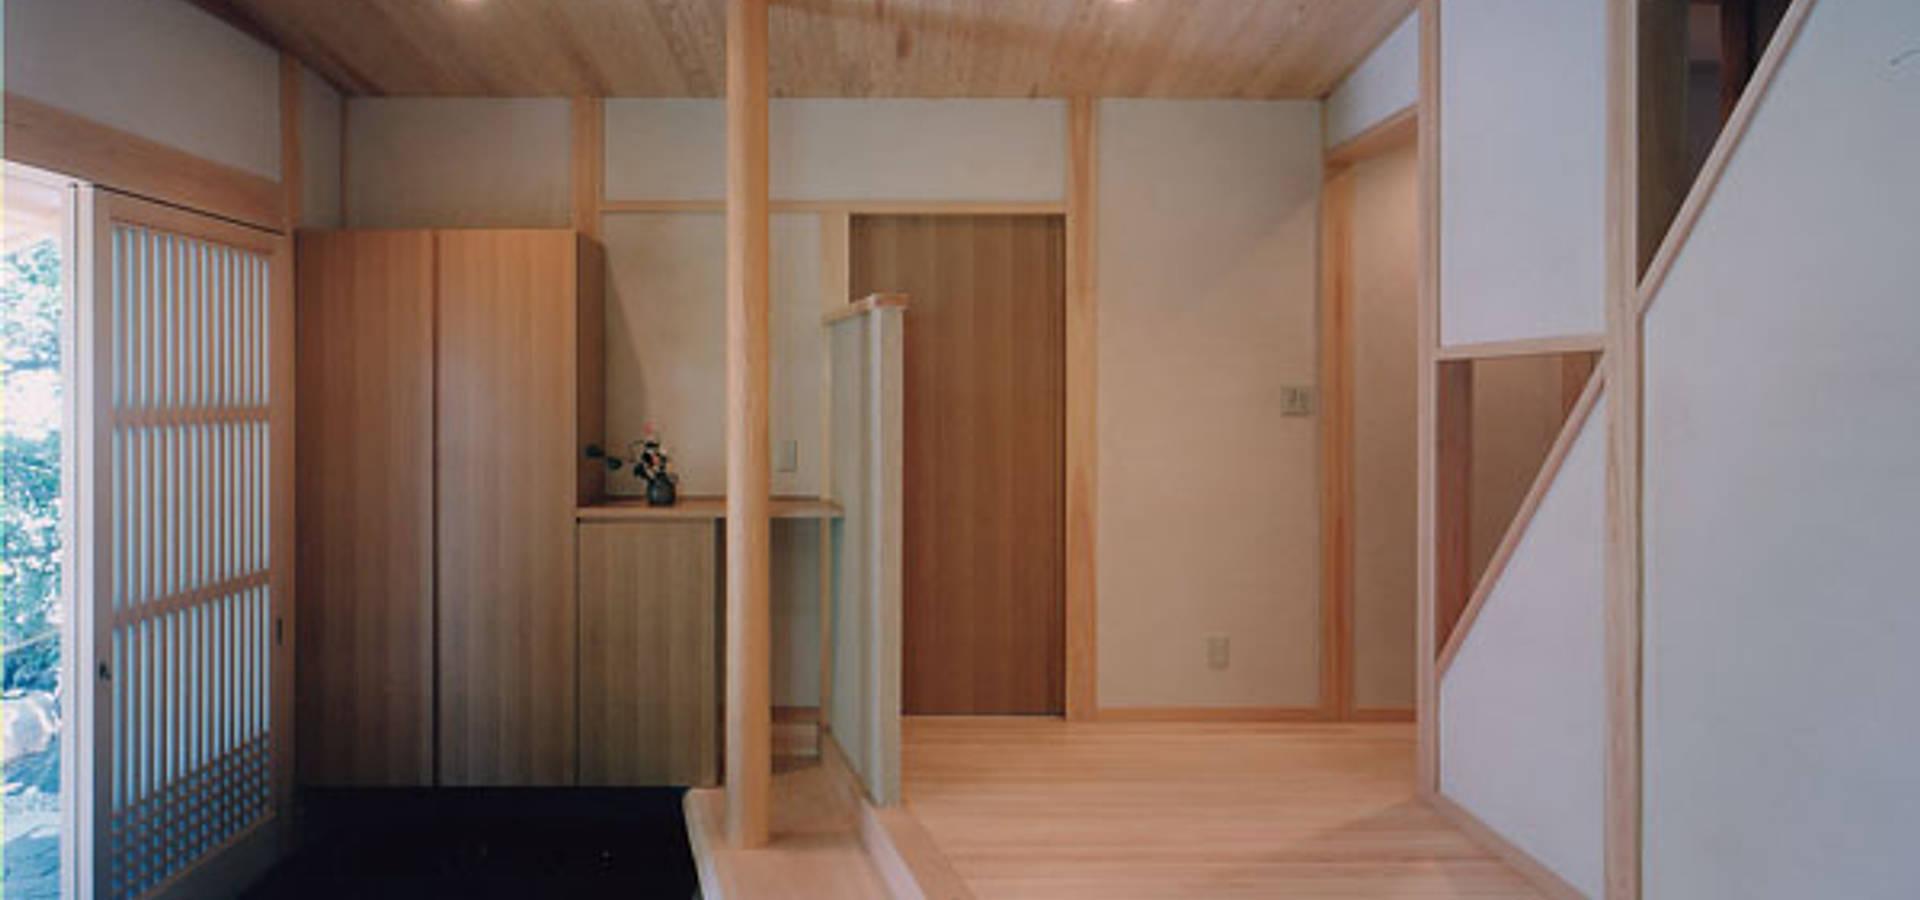 MOW Architect & Associates